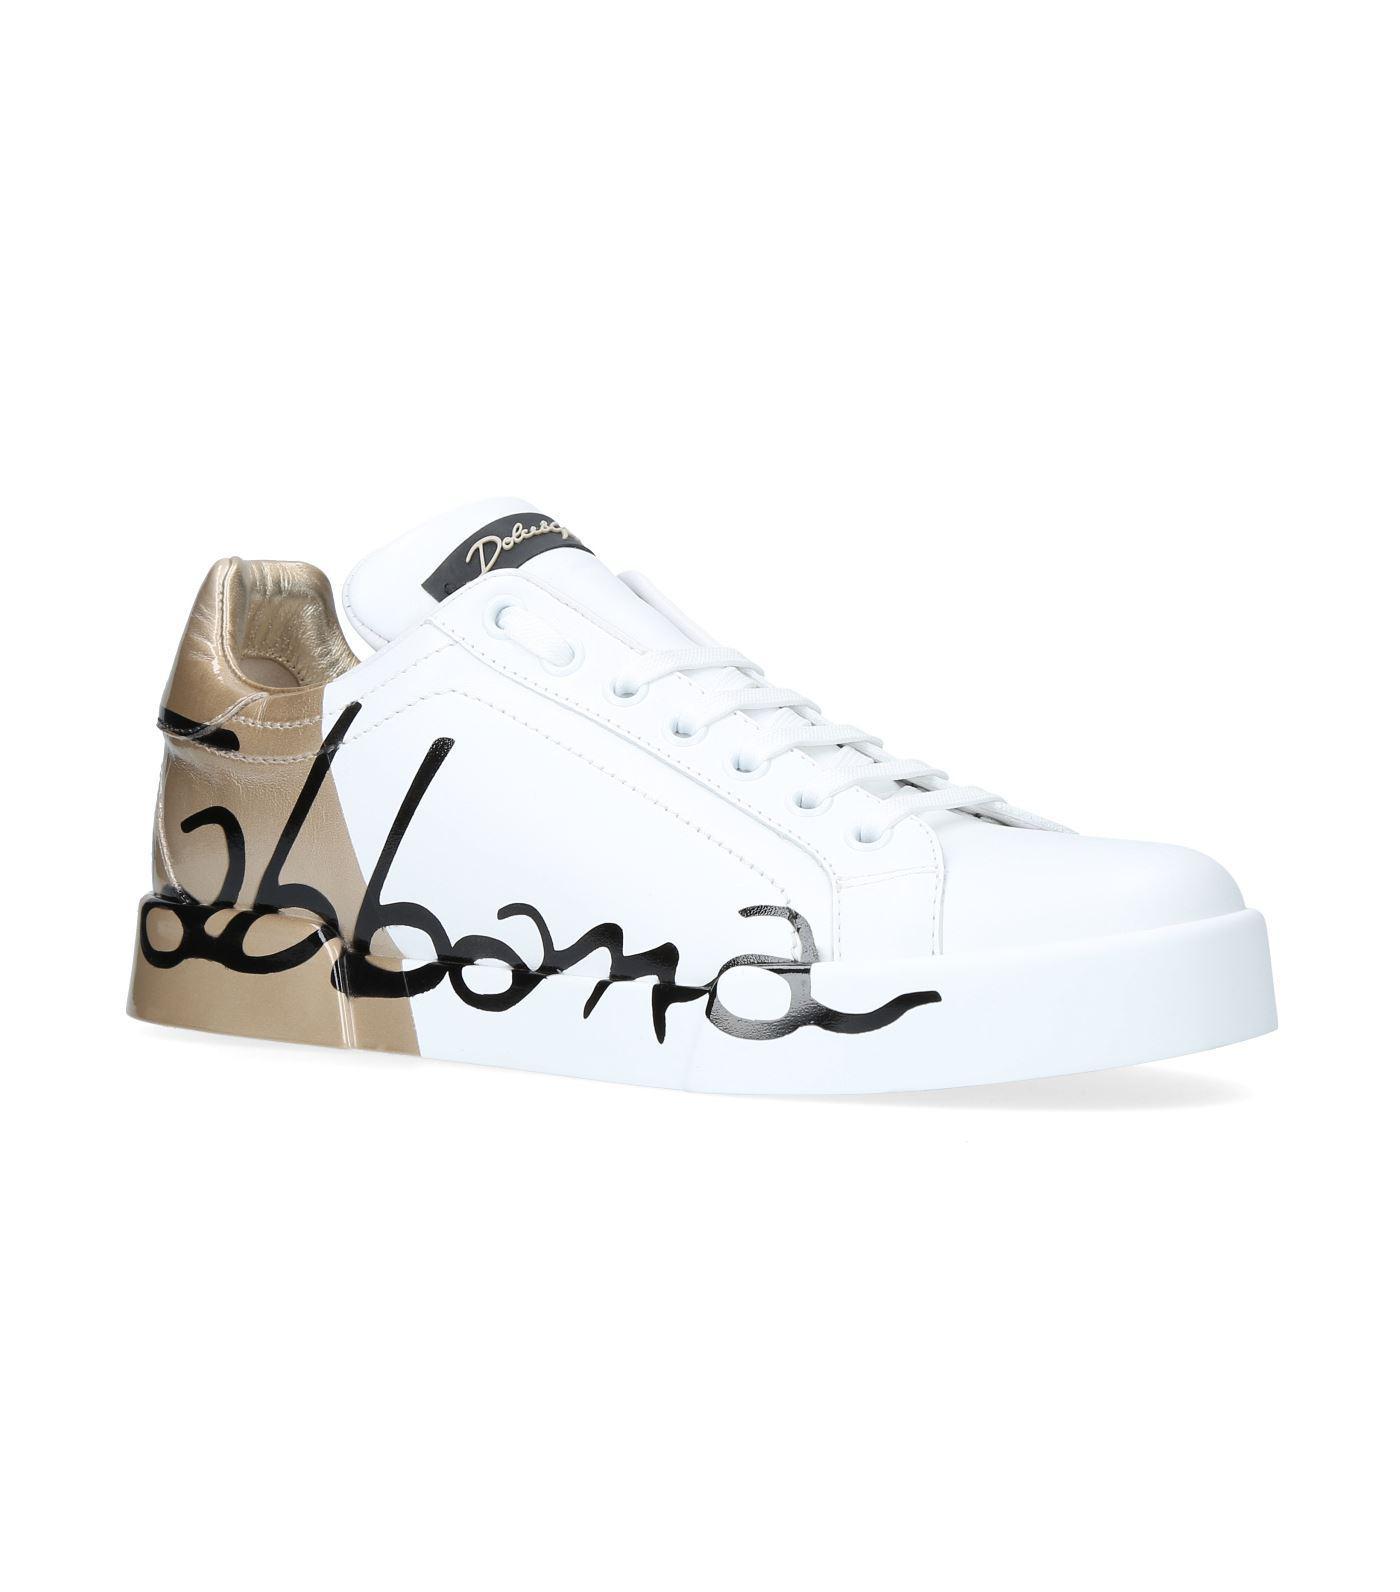 Dolce & GabbanaDolce & Gabbana Amore Energy Sneakers TxsIFV7Sh